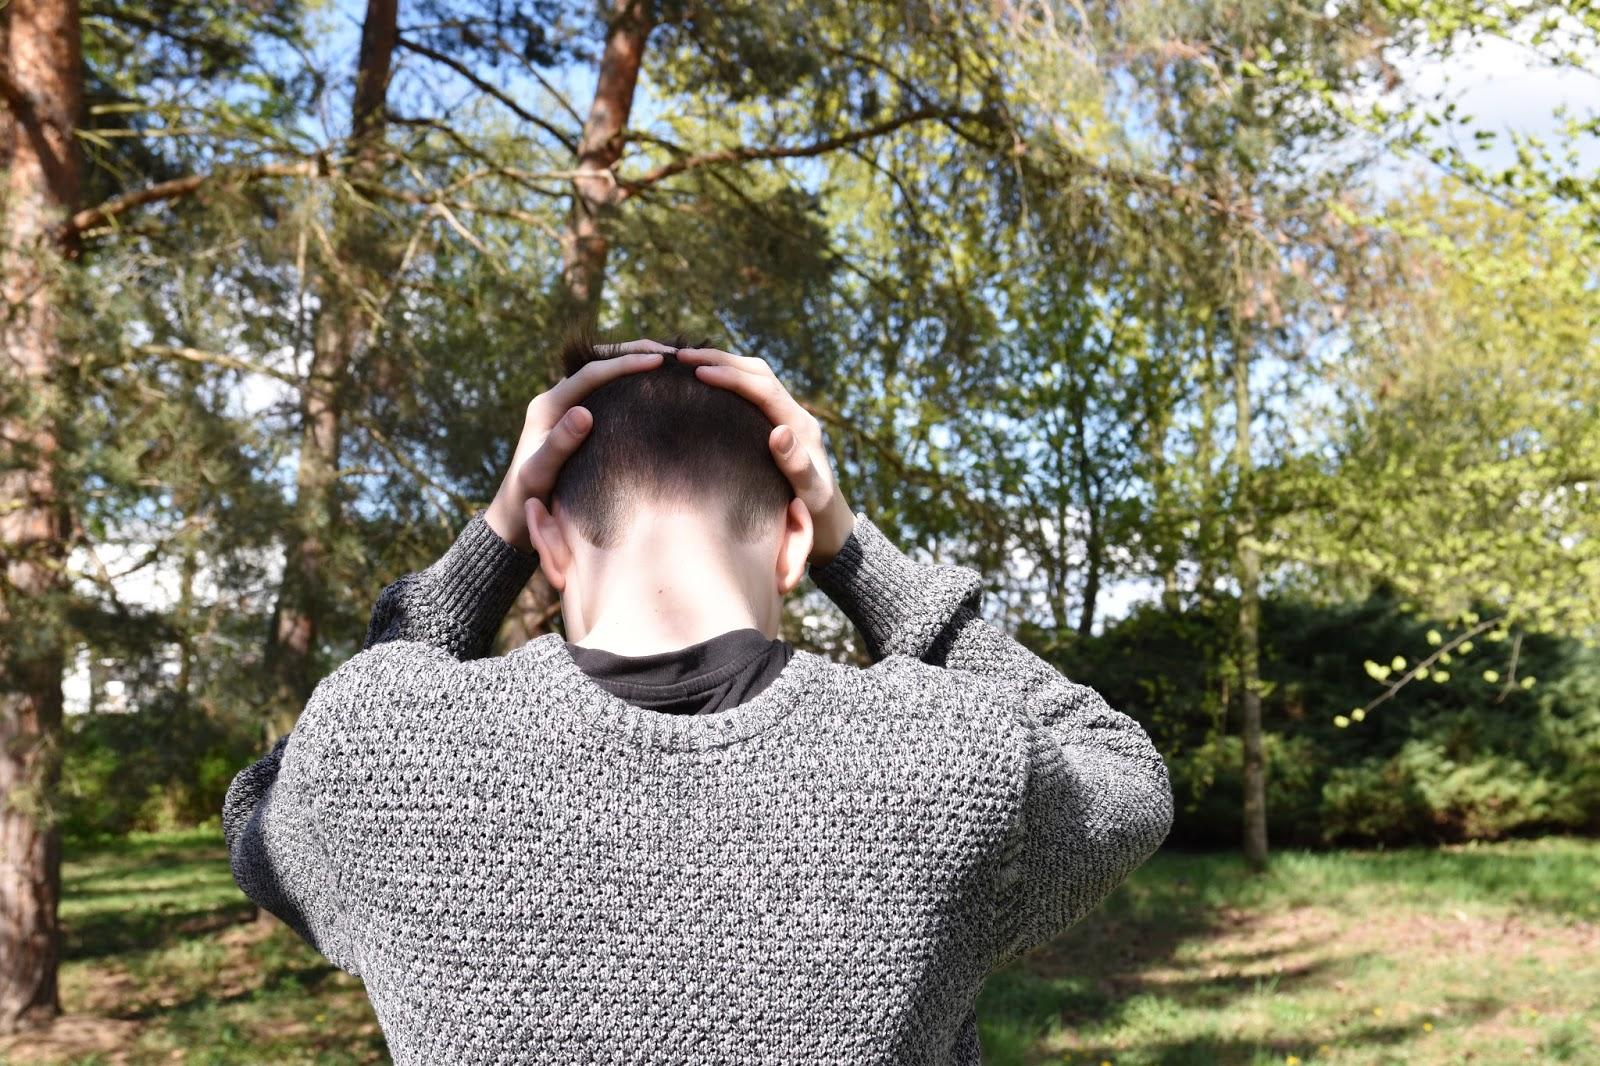 Co nám tělo říká z pohledu psychosomatiky